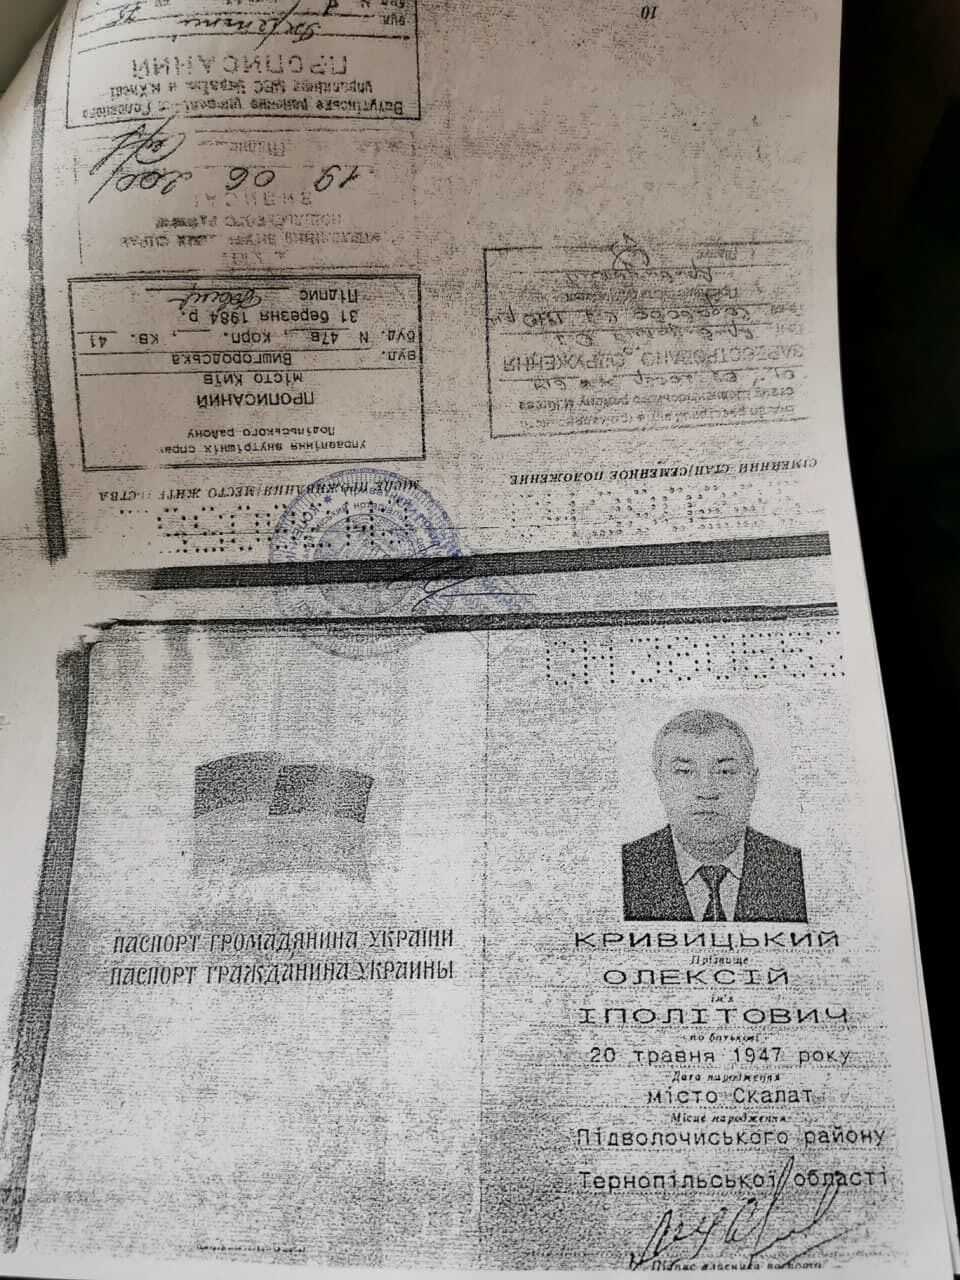 Скан паспорта, за яким оформлювалась сфальшована довіреність на автомобіль покійного Кривицького